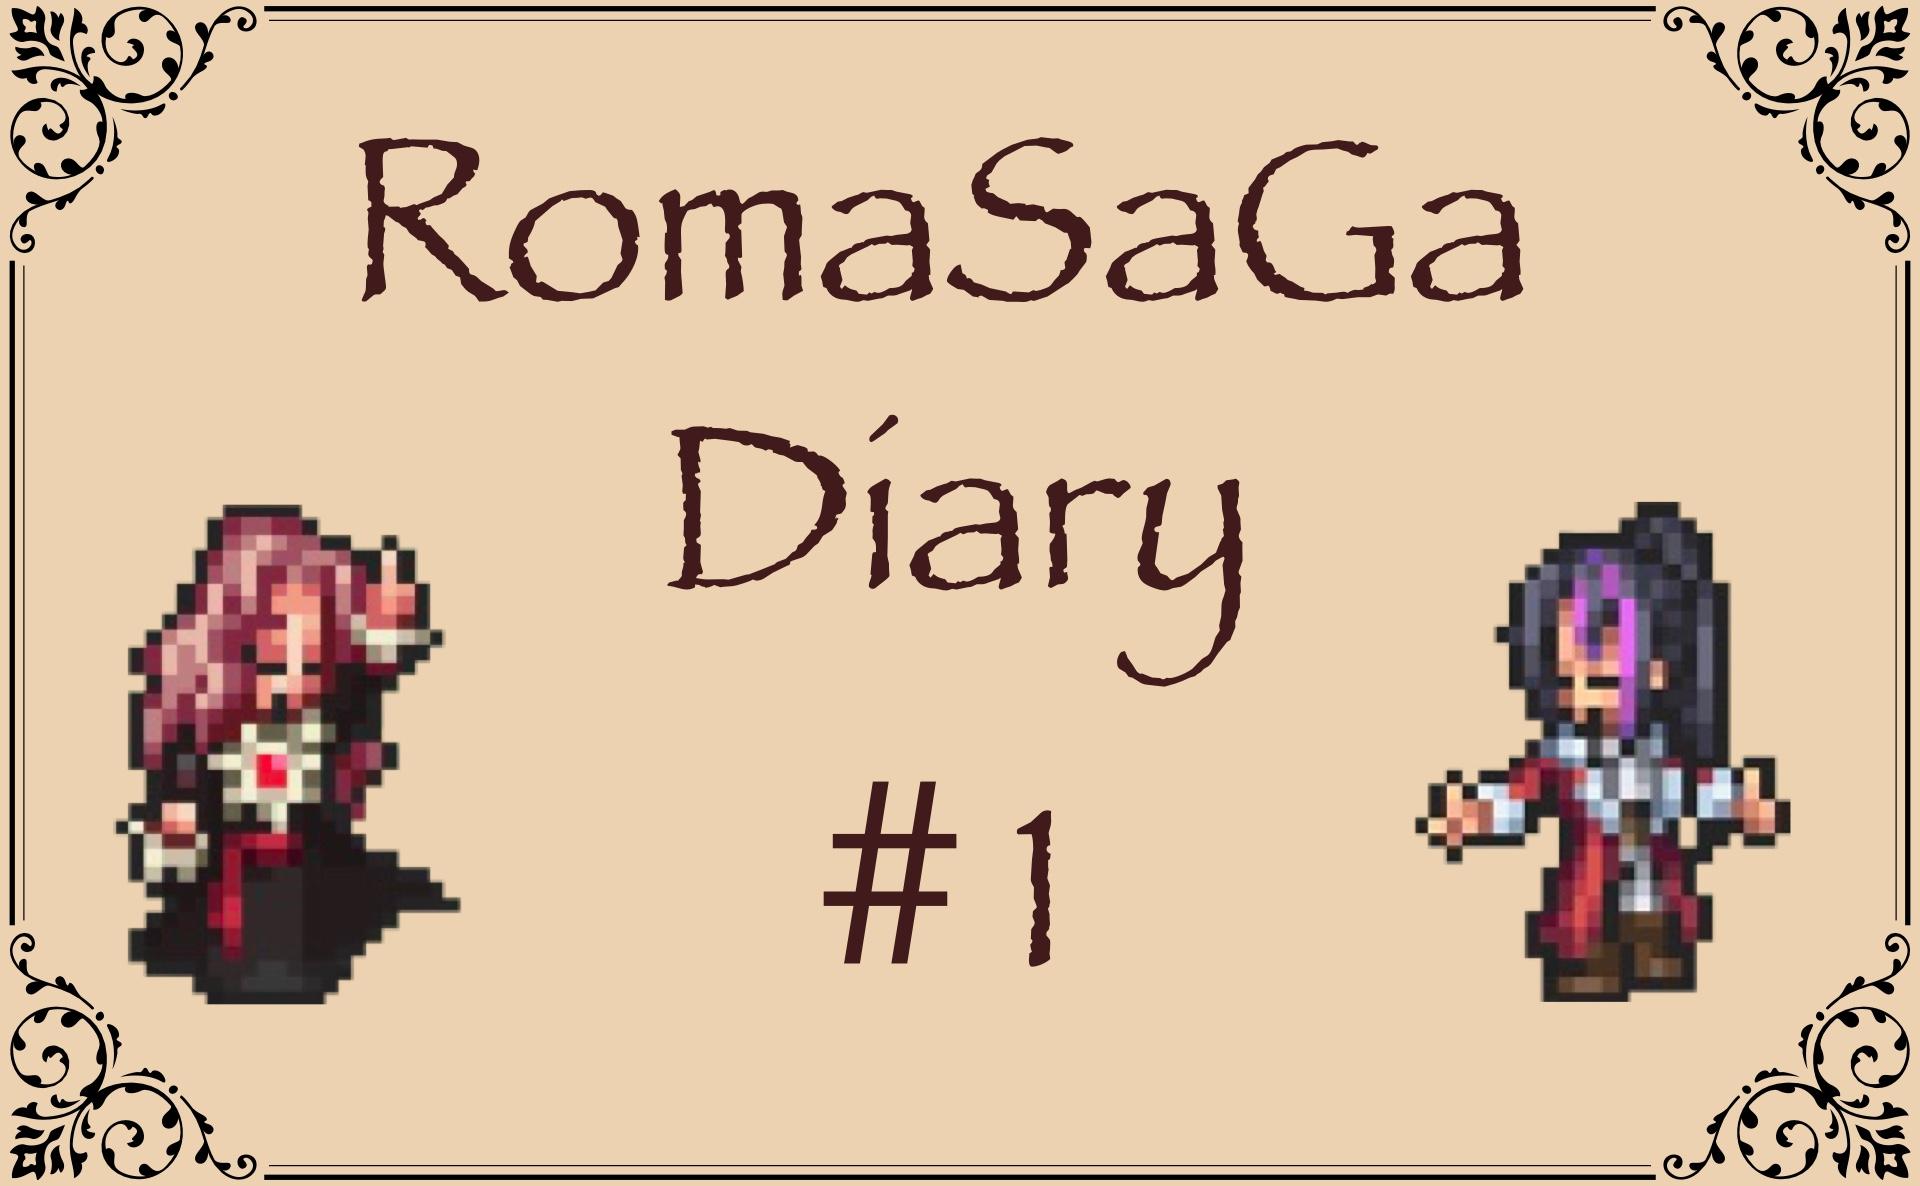 ロマサガDiary#1